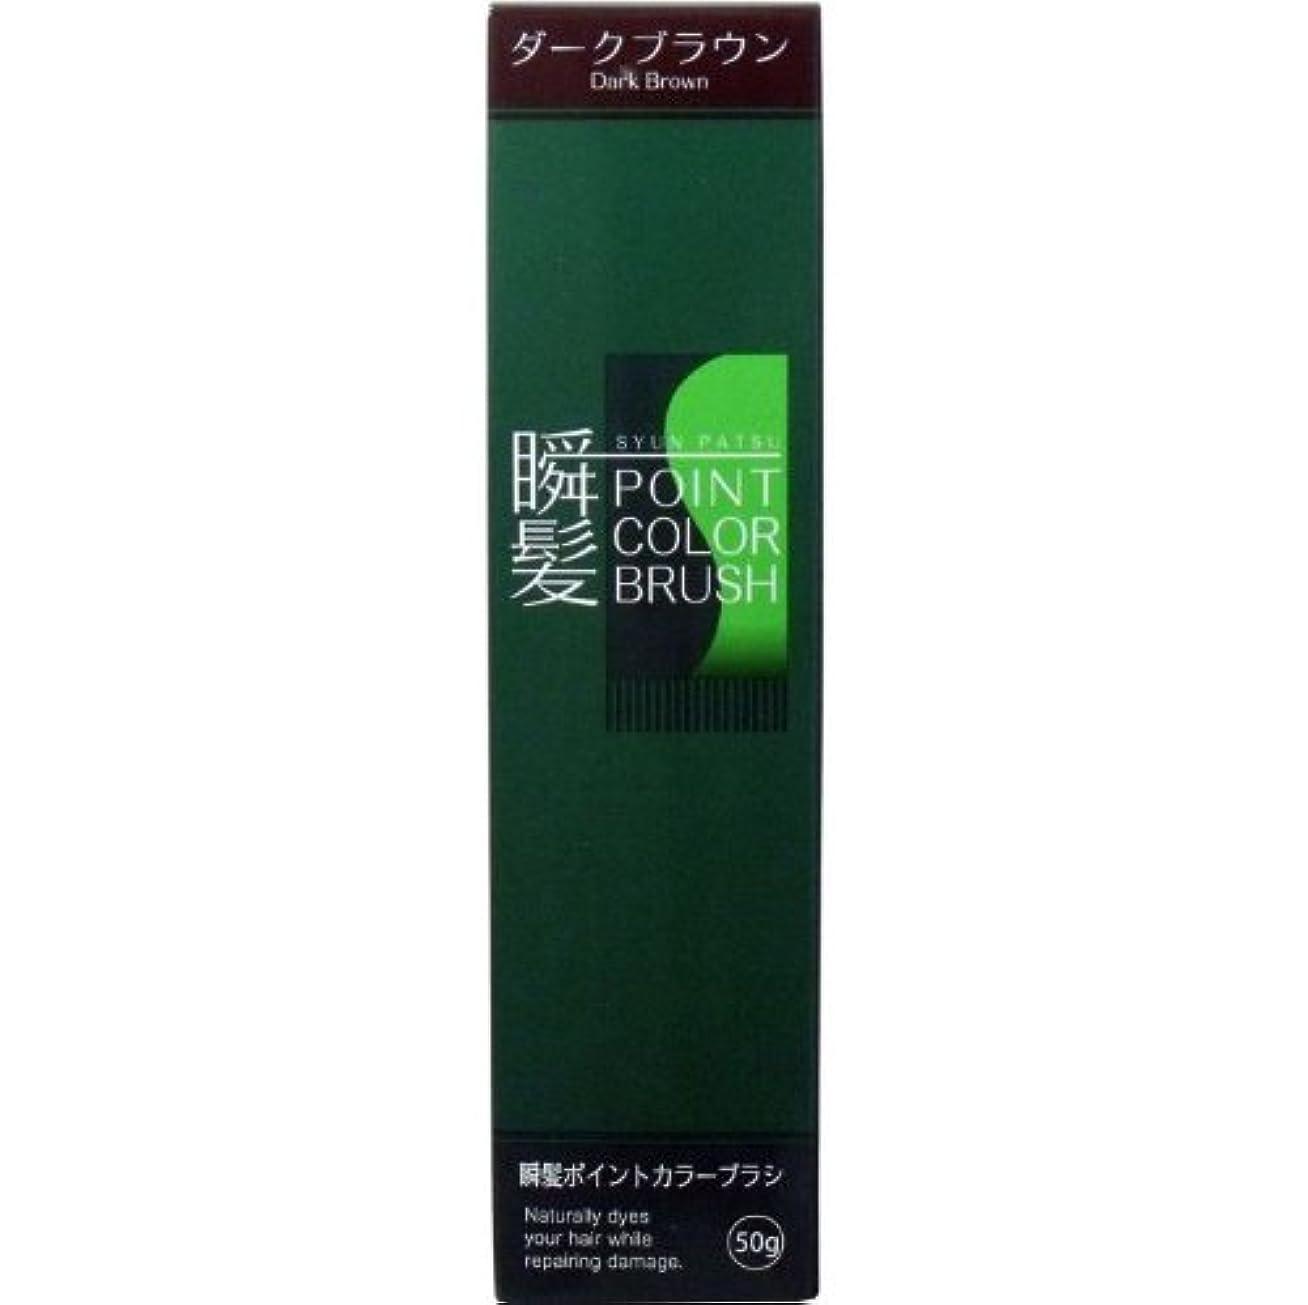 研究等価勇気瞬髪ポイントカラーブラシ 染毛料 ダークブラウン 50g